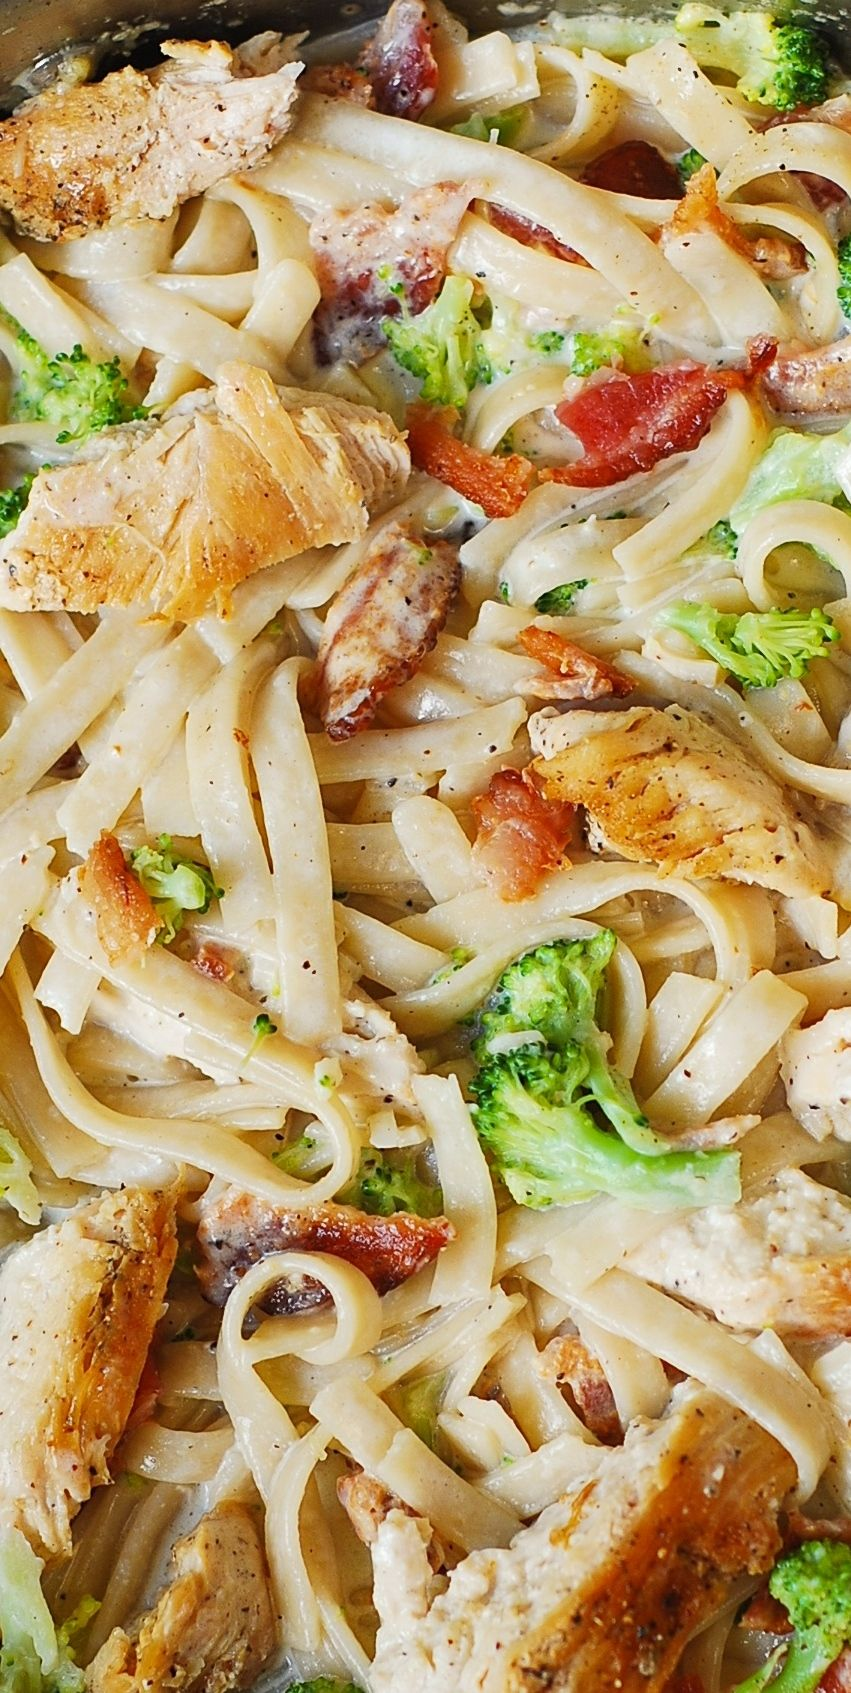 Creamy Broccoli, Chicken Breast, And Bacon Fettuccine -2382